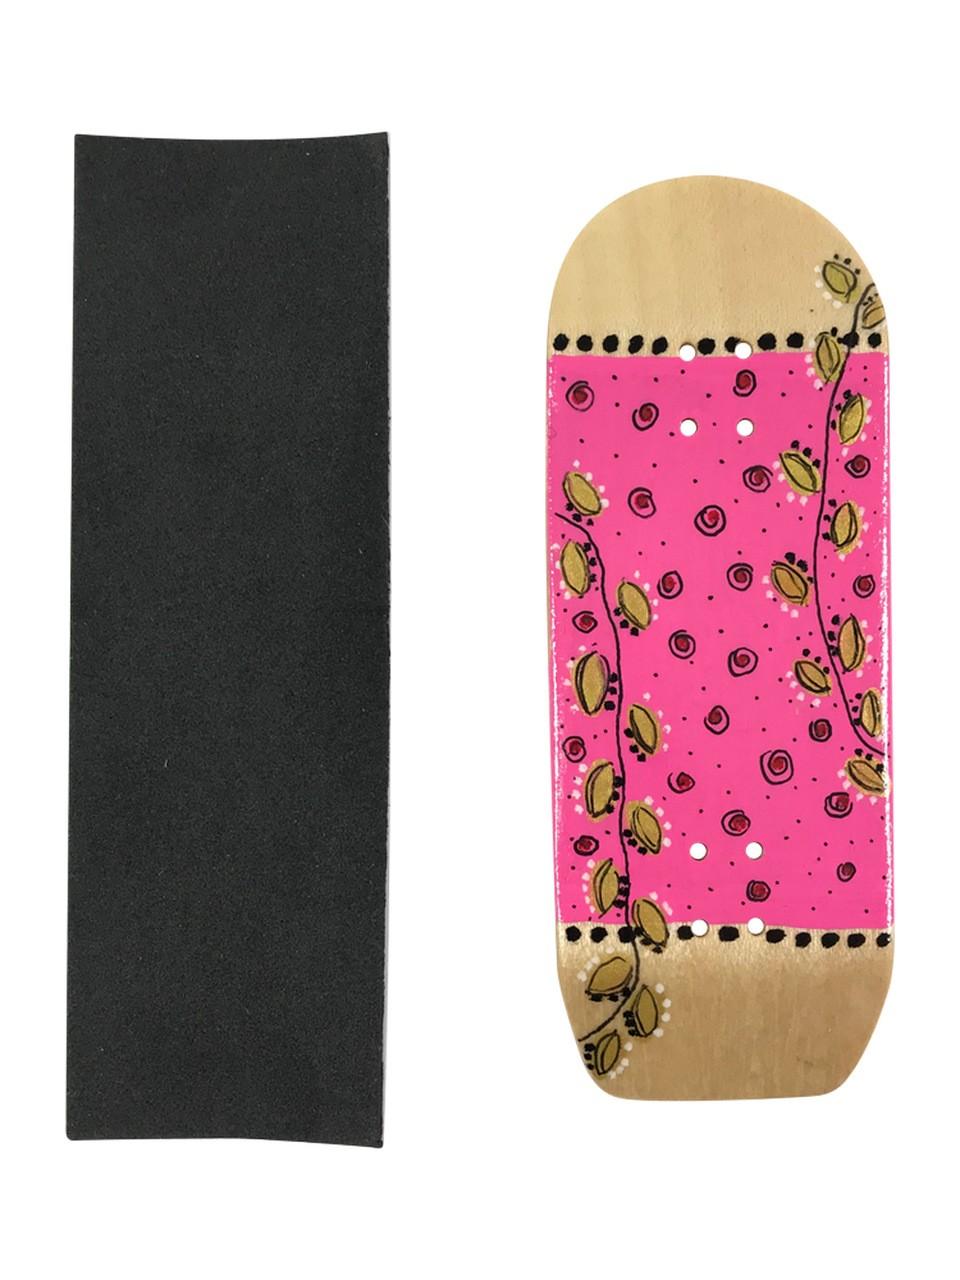 Deck fingerboard Inside Golden Leafs